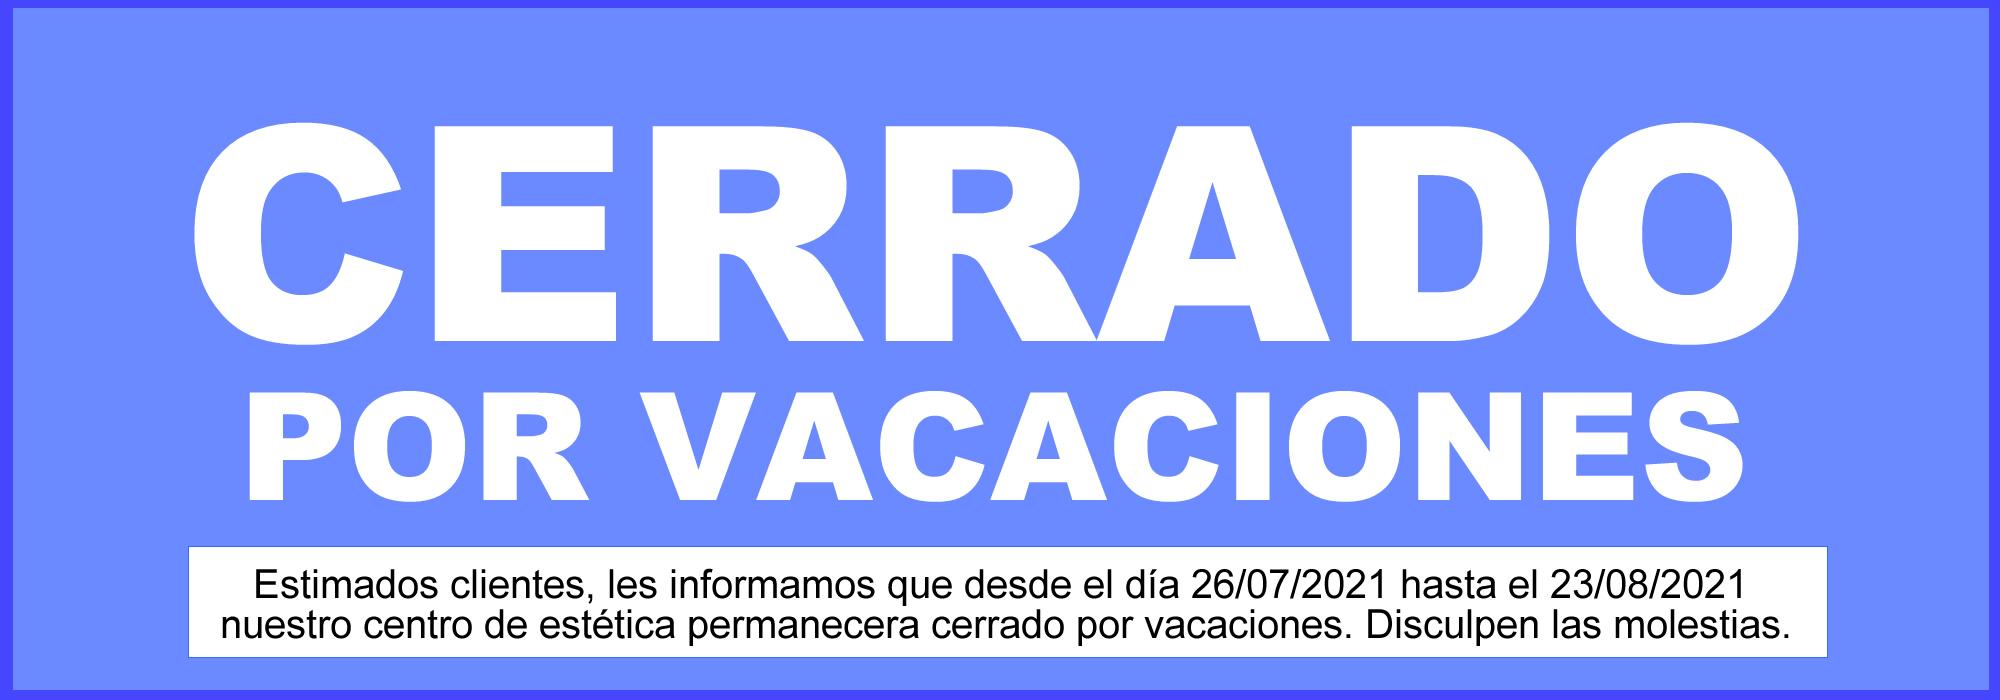 cerrado por vacaciones 2021